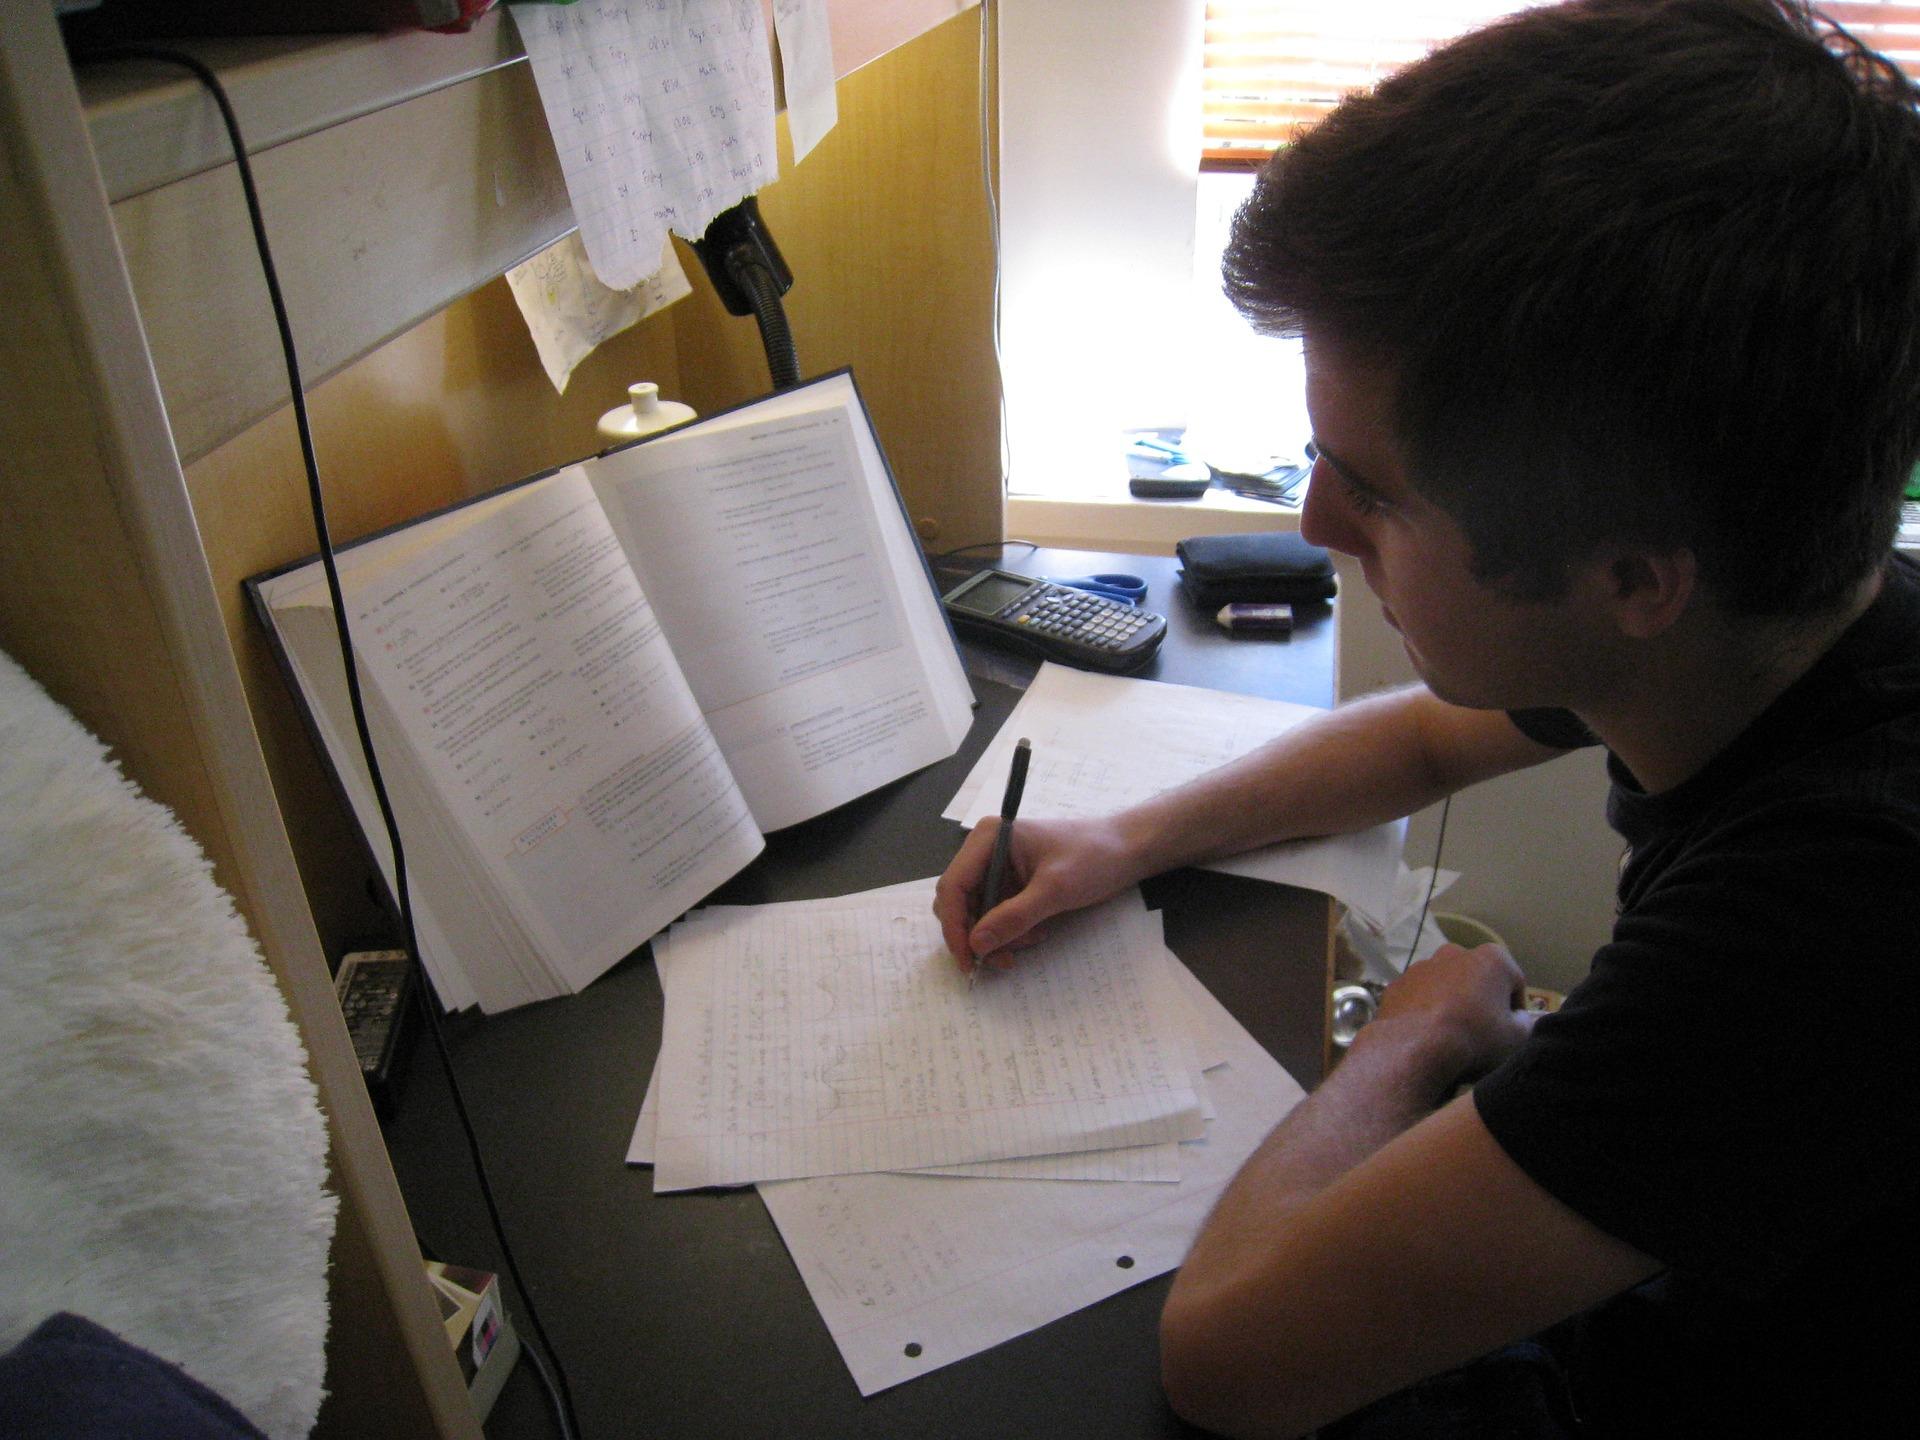 Három- négy évnyi információ összefoglalására alkalmas jegyzetelési technikára lesz szükséged a főiskola, egyetem alatt.